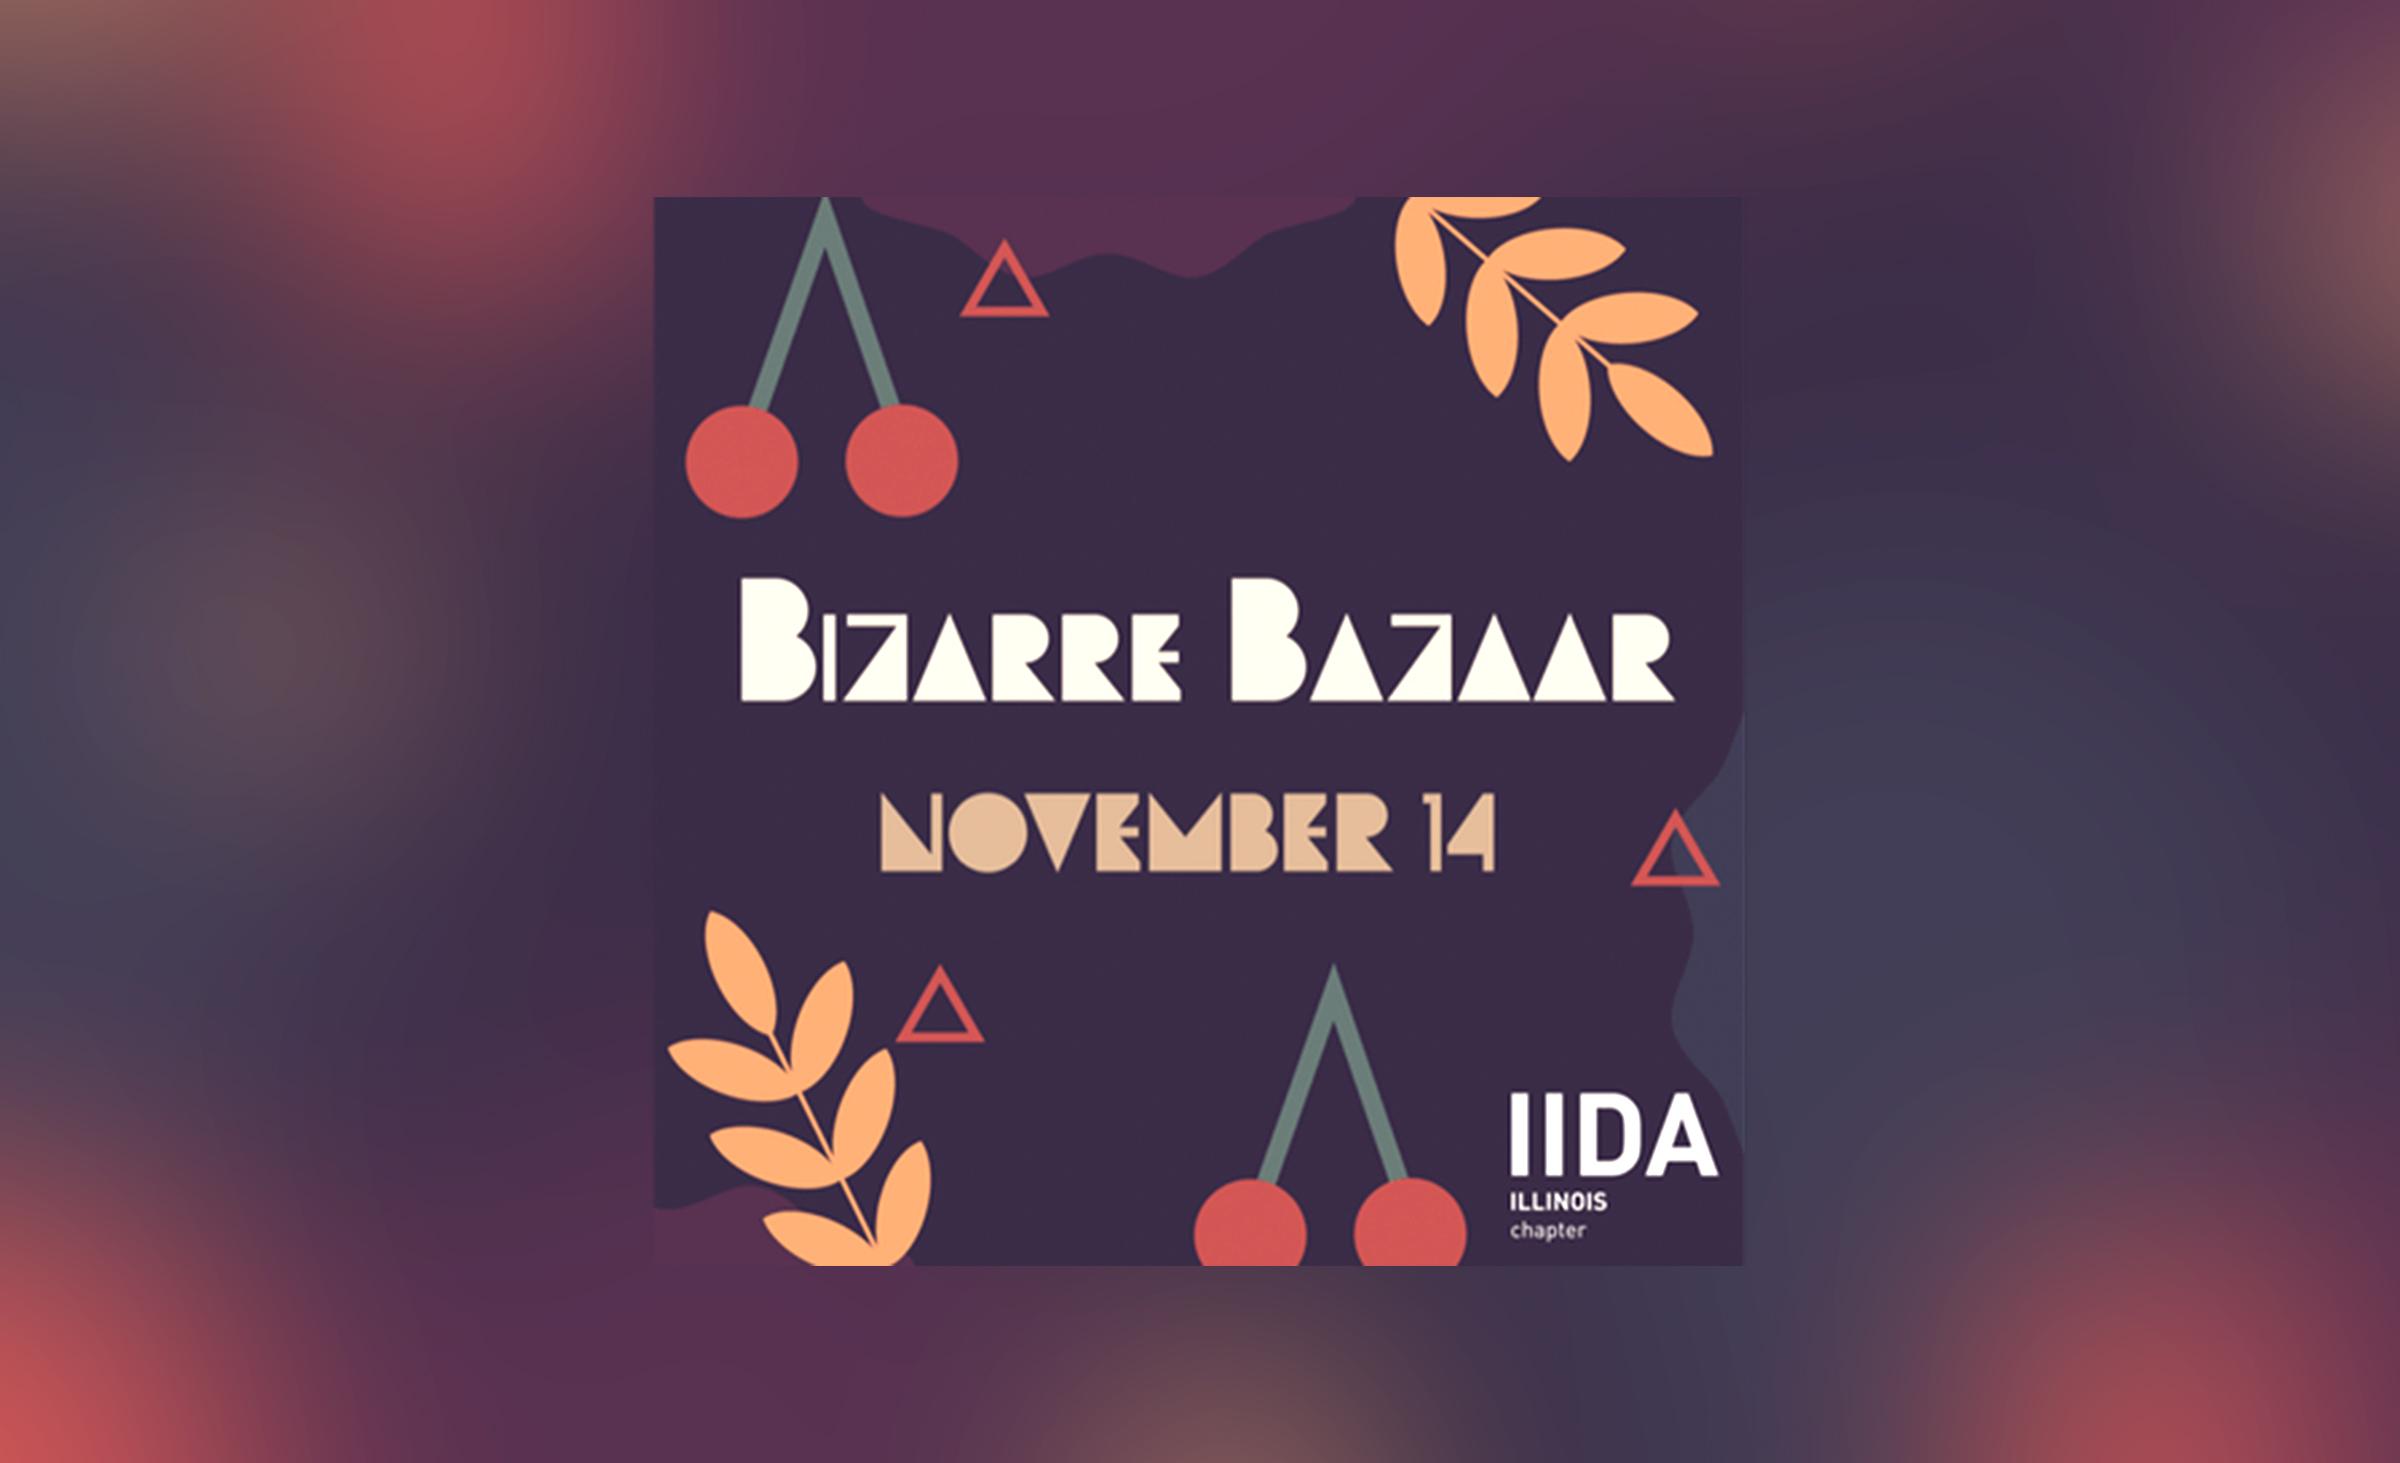 bizarre bazaar event